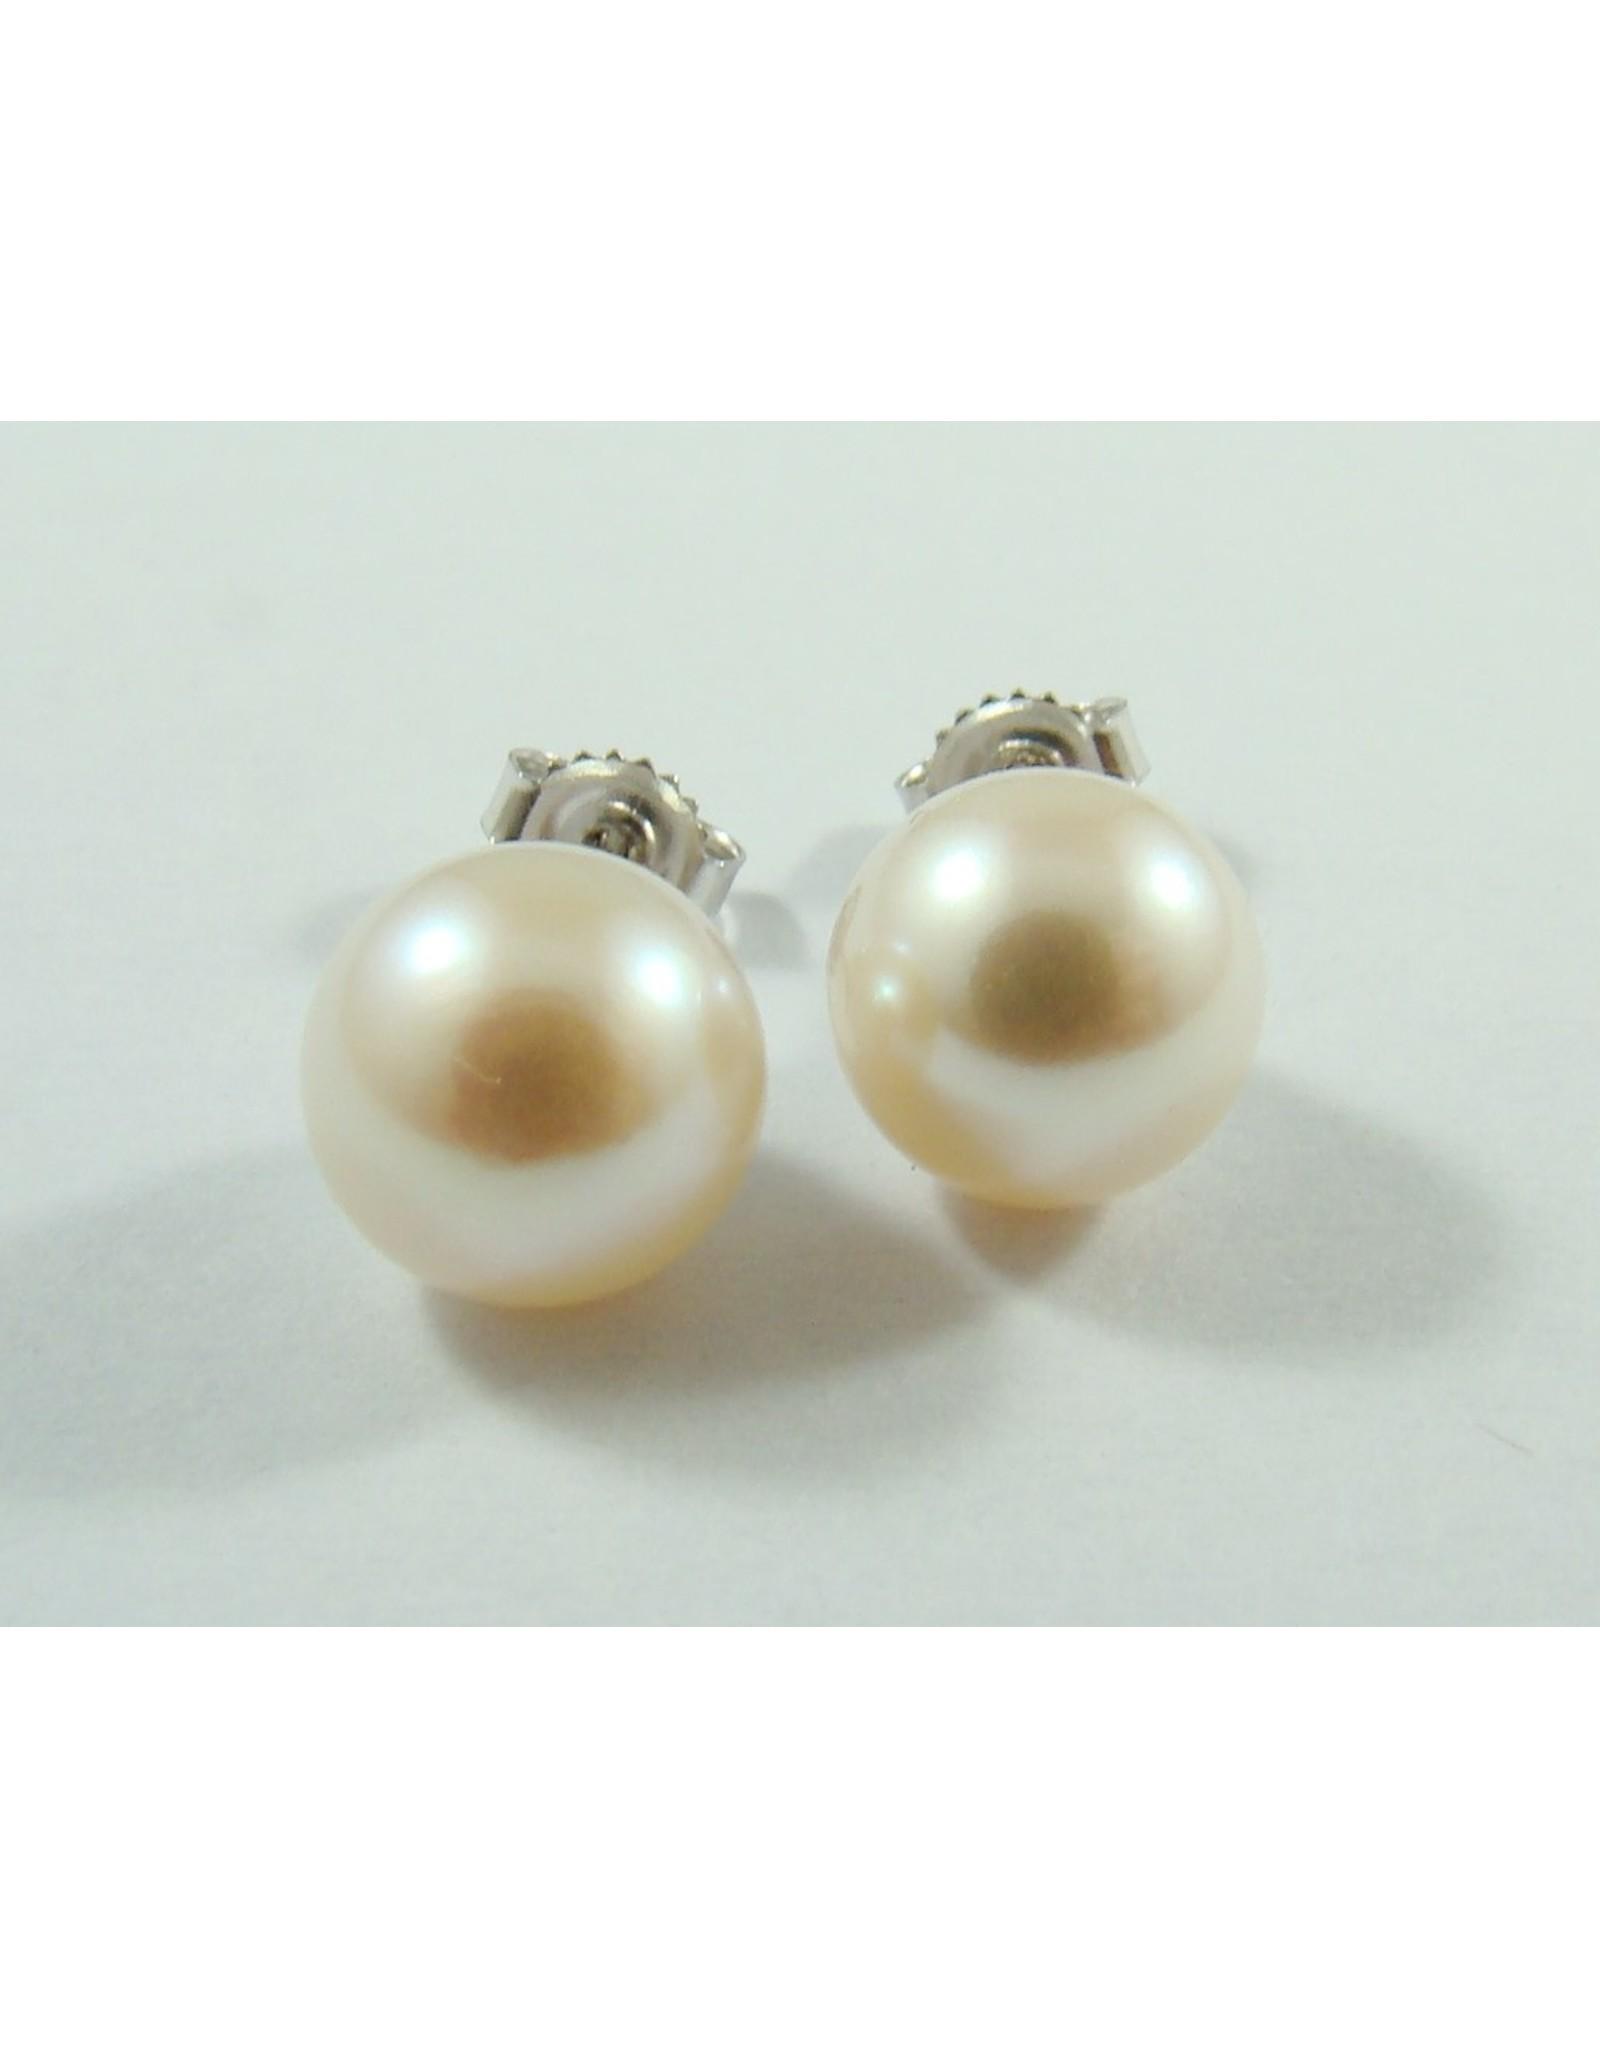 Freshwater Pearl Stud Earrings 14KW